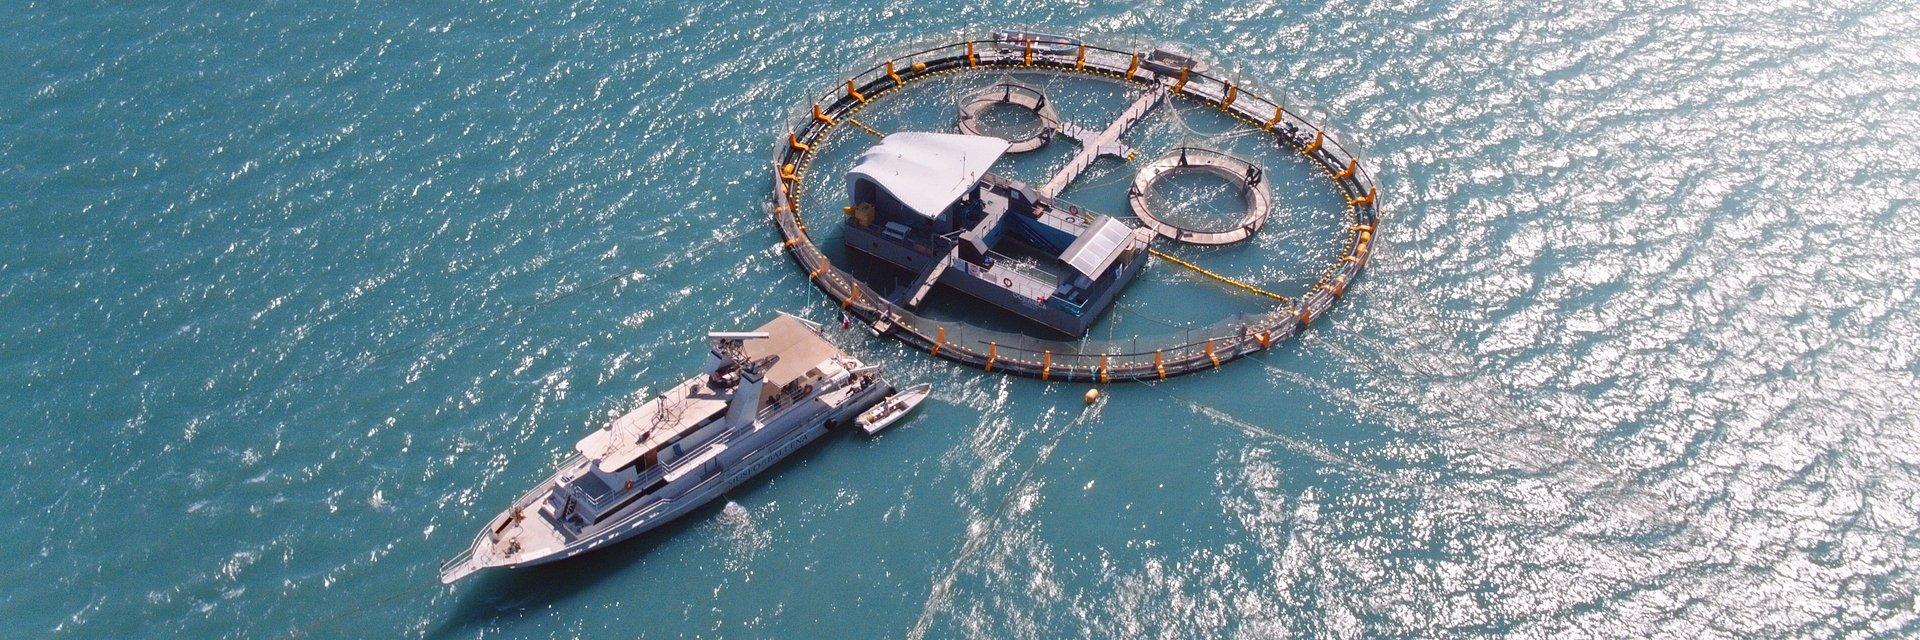 'SEA OF SHADOWS' DE LEONARDO DICAPRIO ESTREIA NO NATIONAL GEOGRAPHIC EM DEZEMBRO